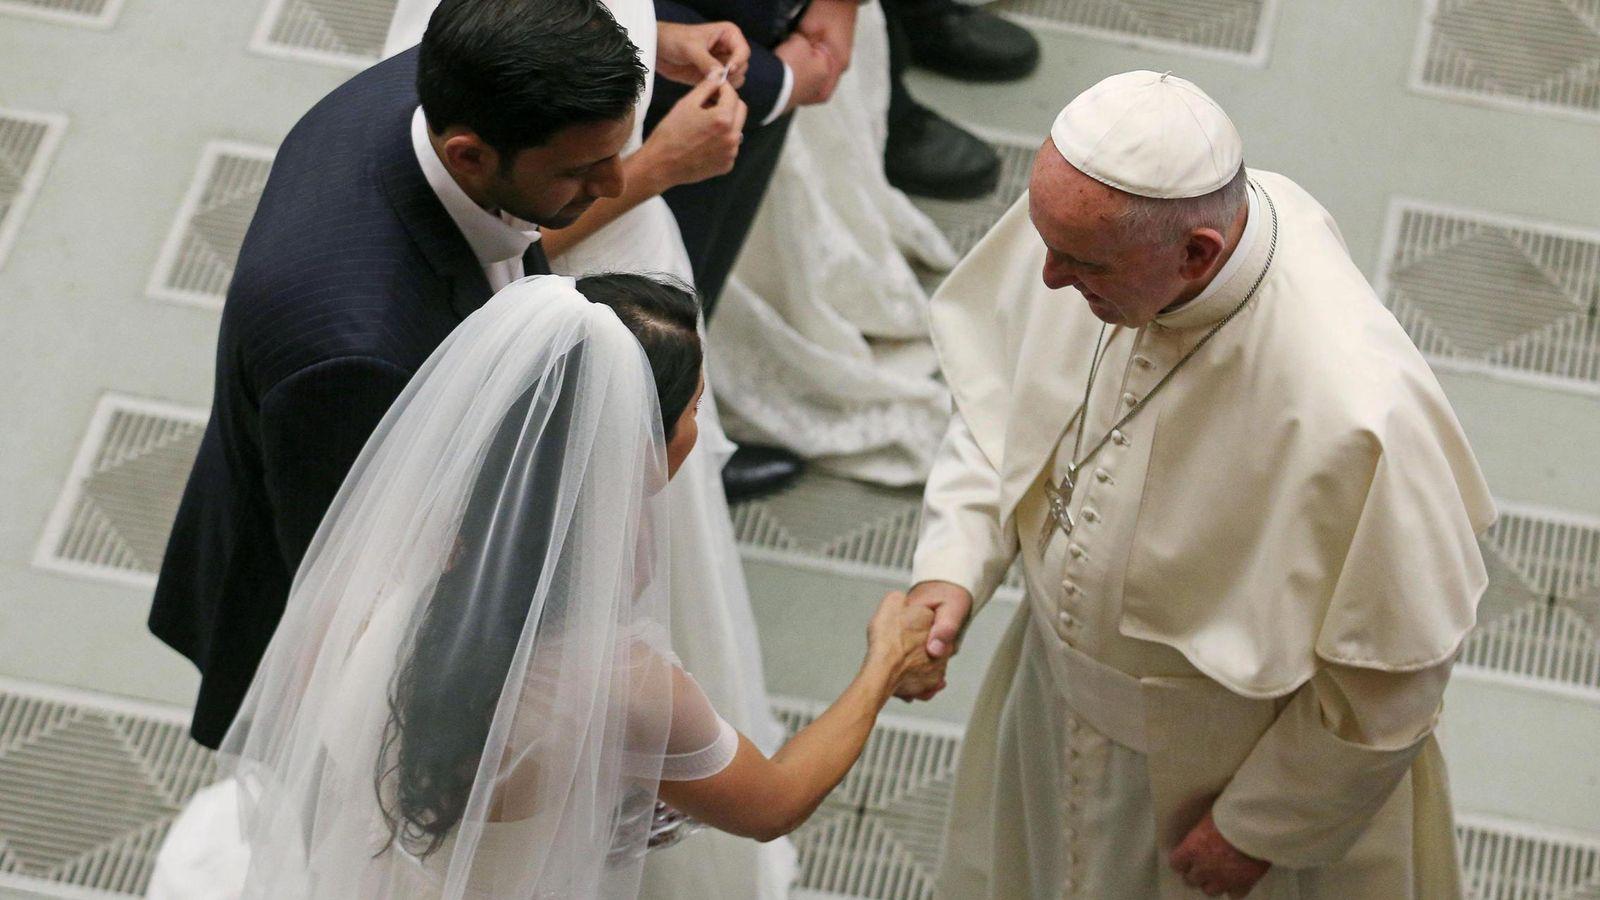 Matrimonio Catolico En Estados Unidos : Revolución del papa en la reforma de nulidad